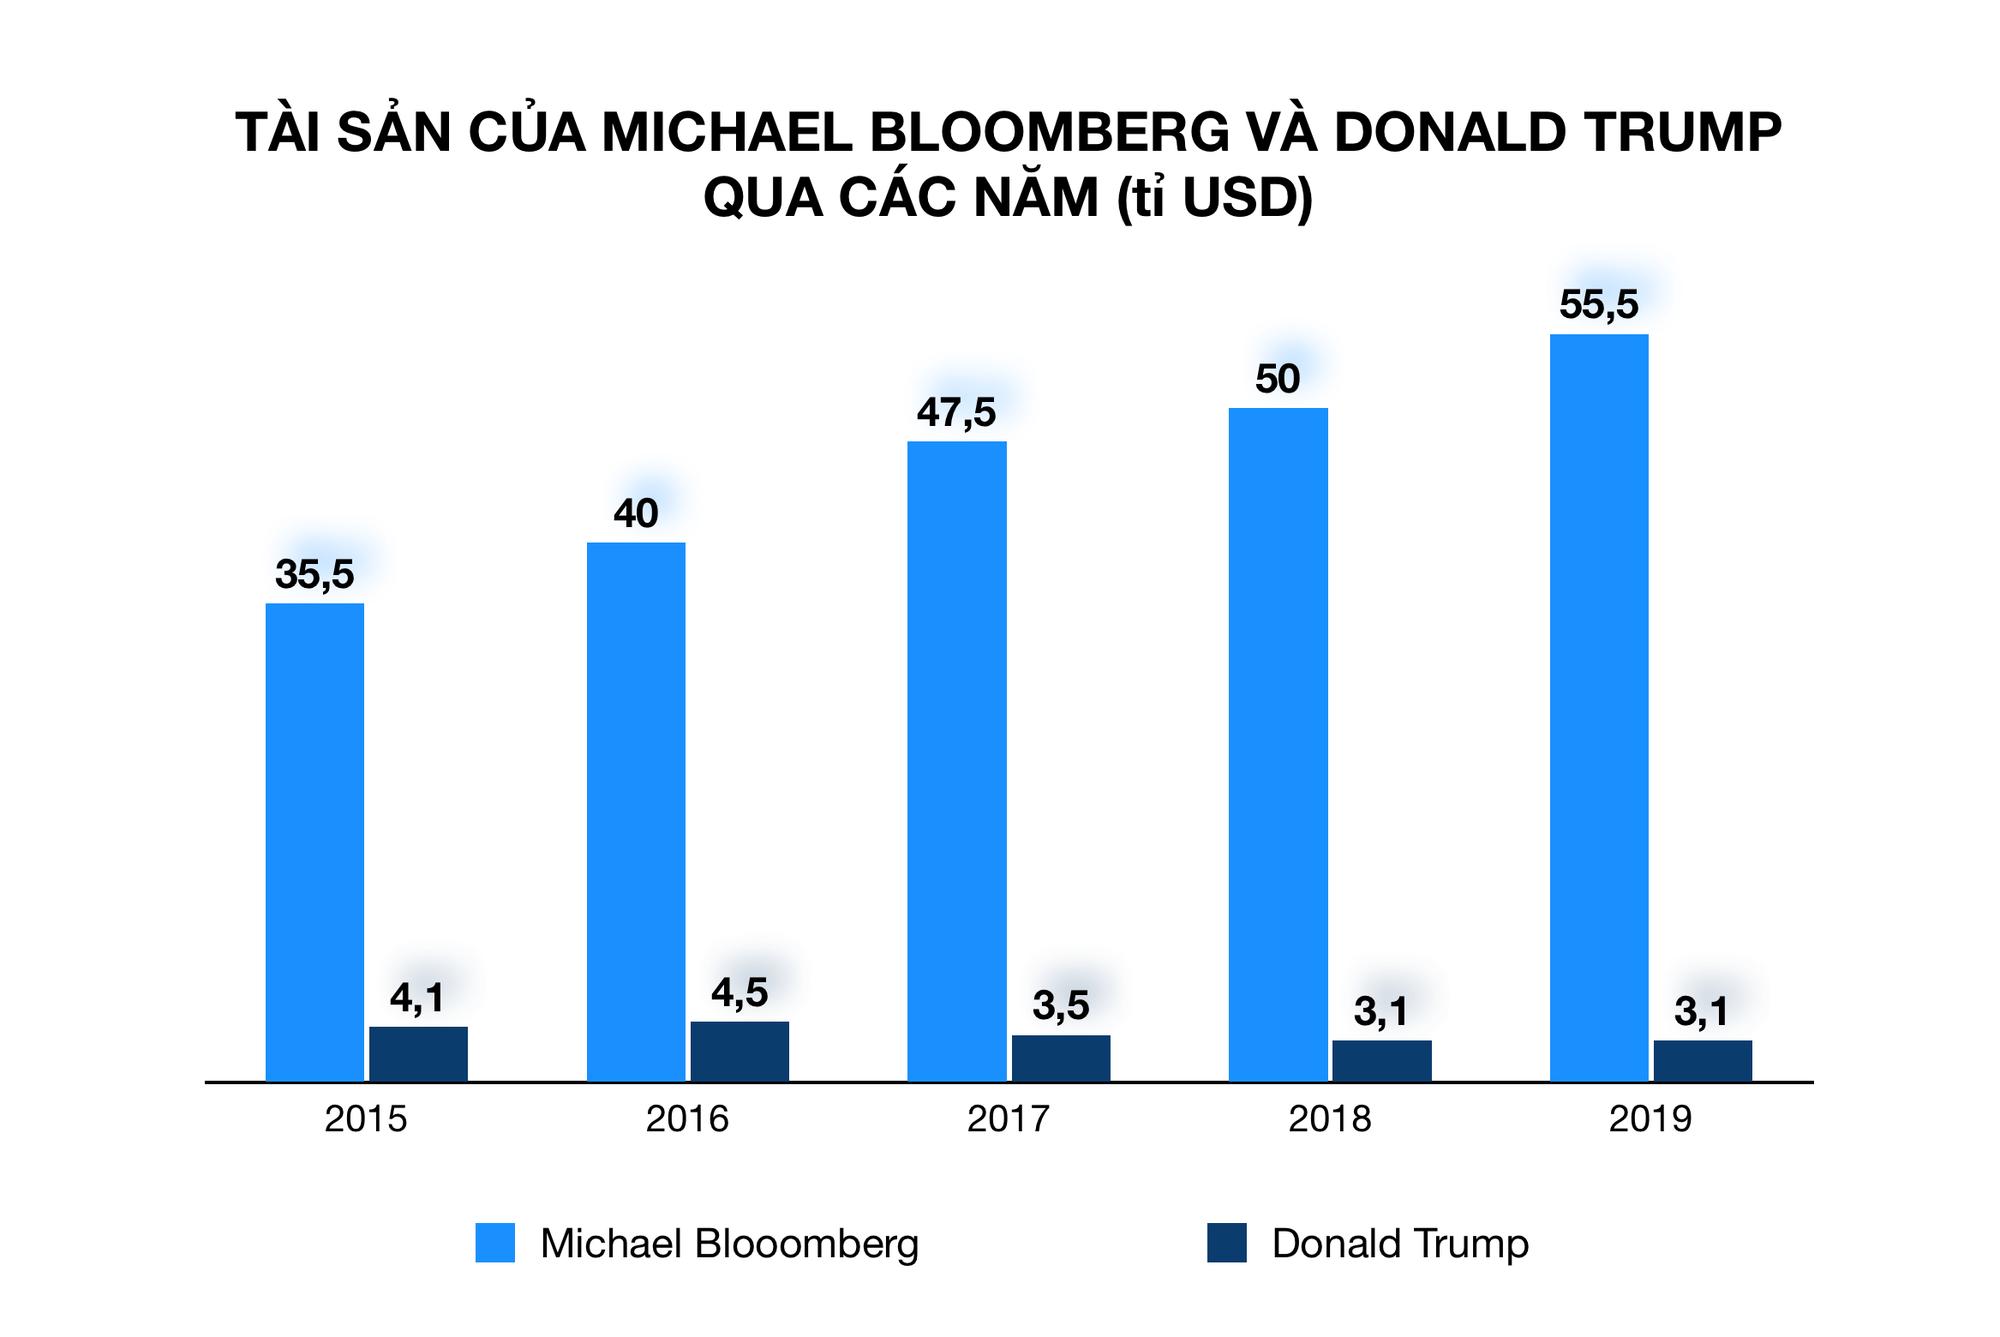 Khác xa 180 độ so với Tổng thống Trump, tỉ phú giàu thứ 9 nước Mỹ hứa bán công ty nếu đắc cử - Ảnh 4.